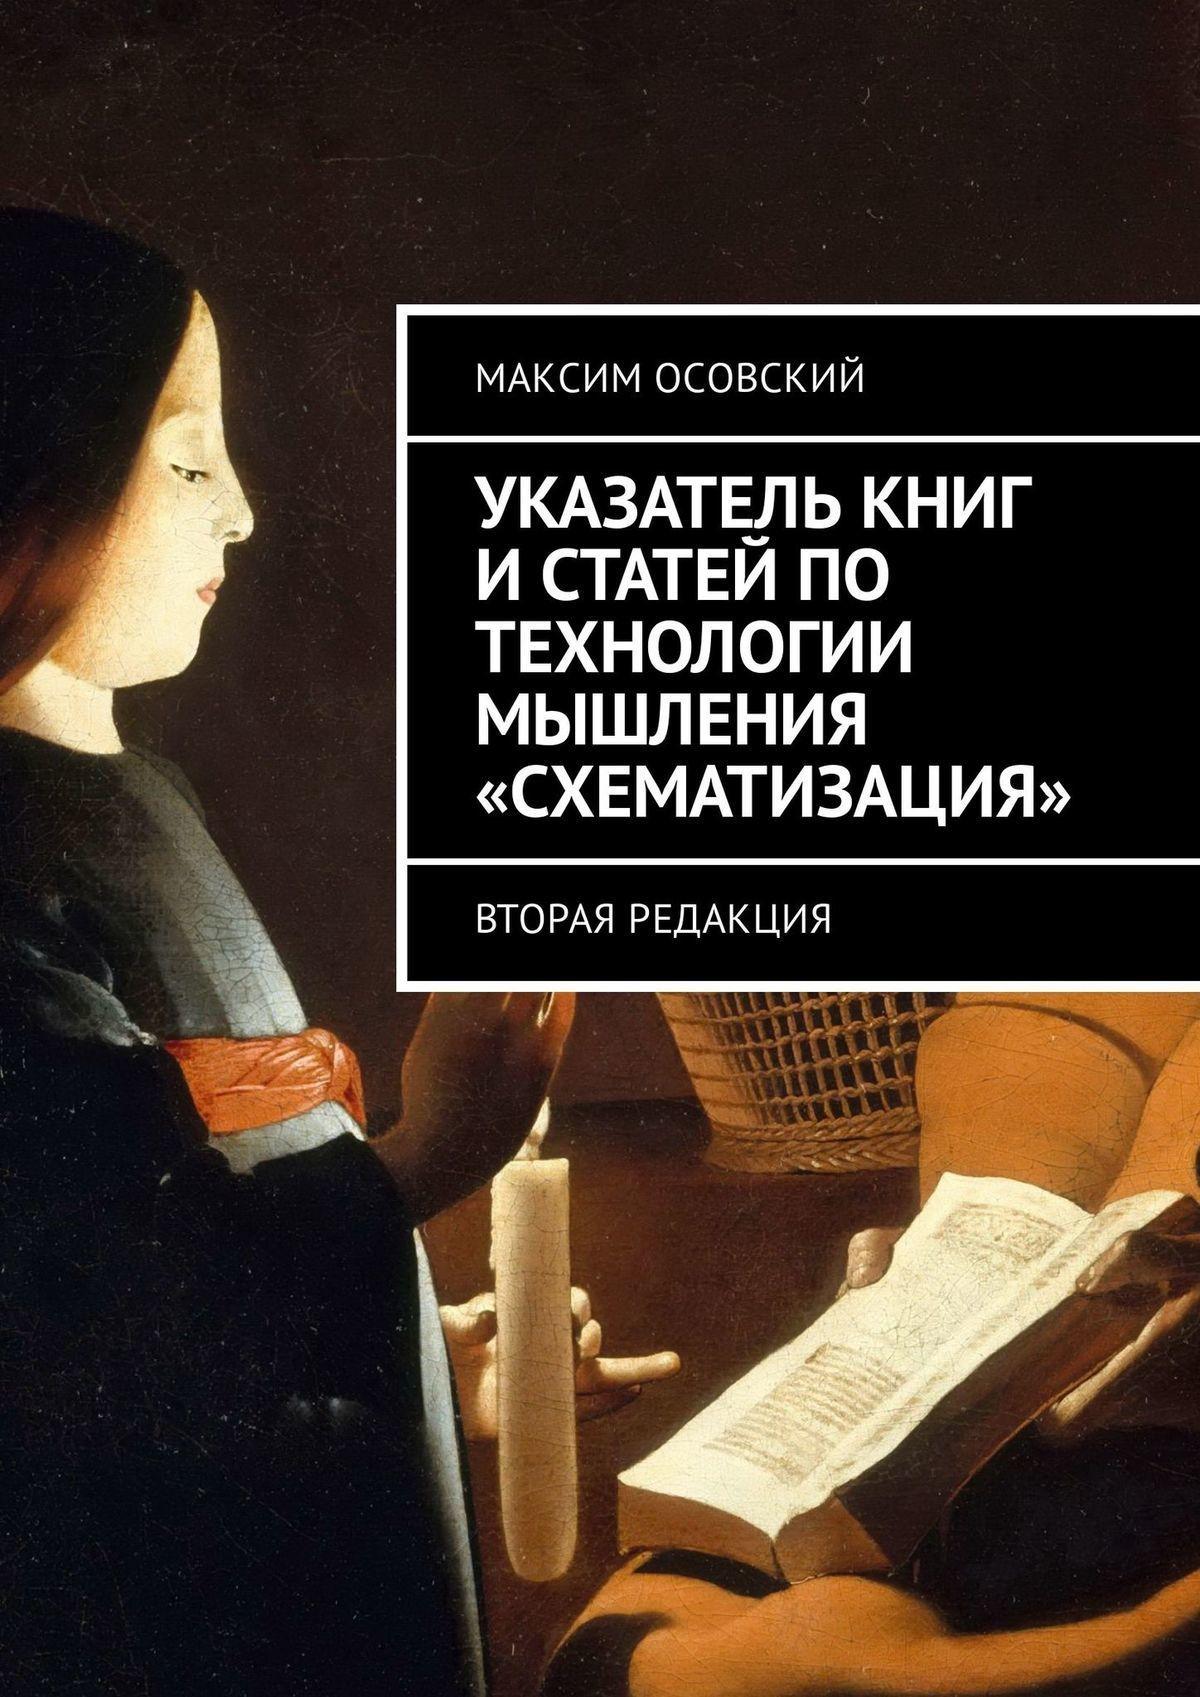 Максим Осовский Указатель книг и статей по технологии мышления «Схематизация». Вторая редакция